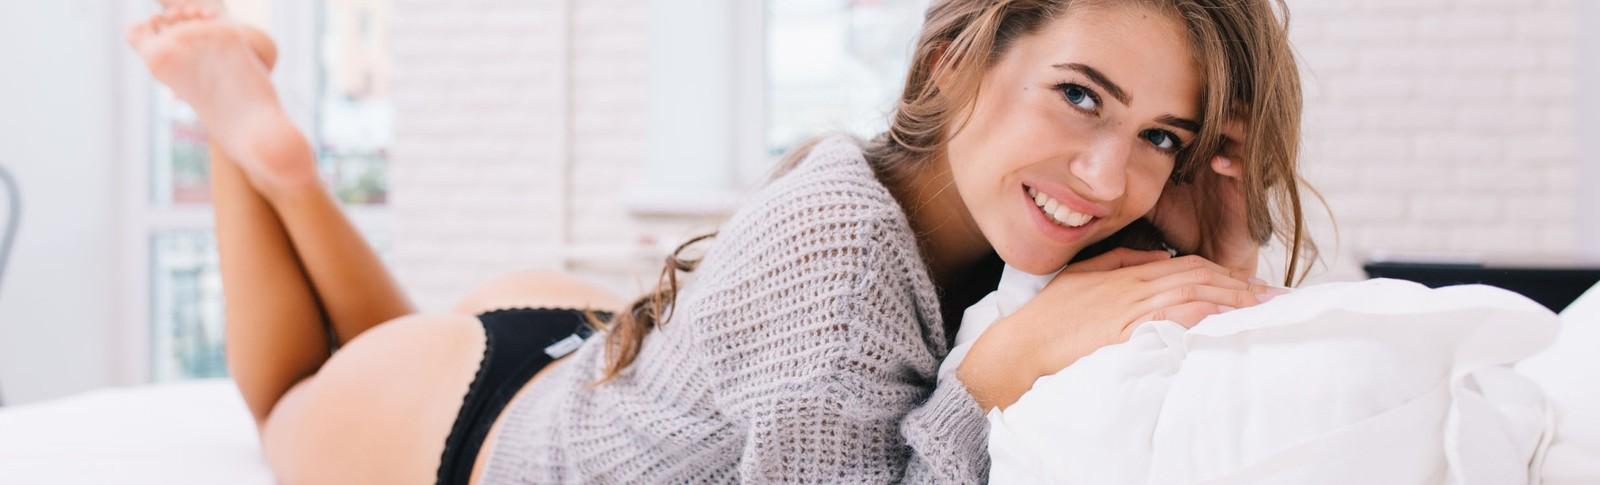 Junge Frau freut sich über ihren Körper nach dem Entfernen von Dehnungsstreifen in den Moser Kliniken